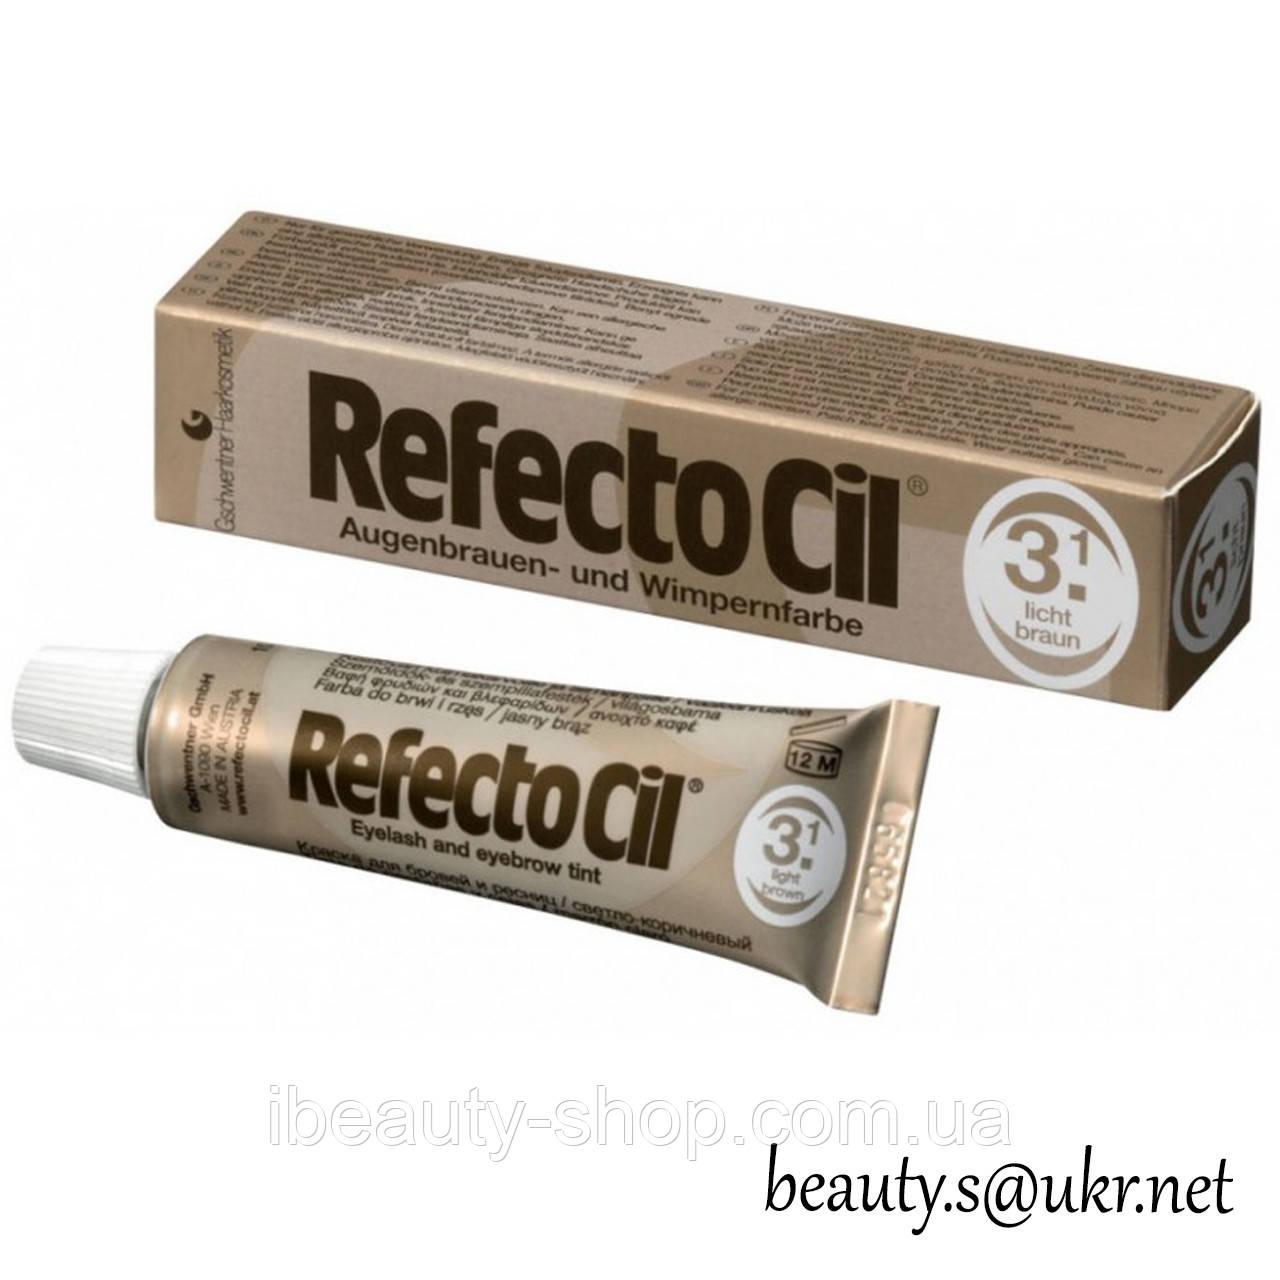 RefectoСil №3.1 Світло-коричнева фарба для брів і вій (Рефектоціл),15мл